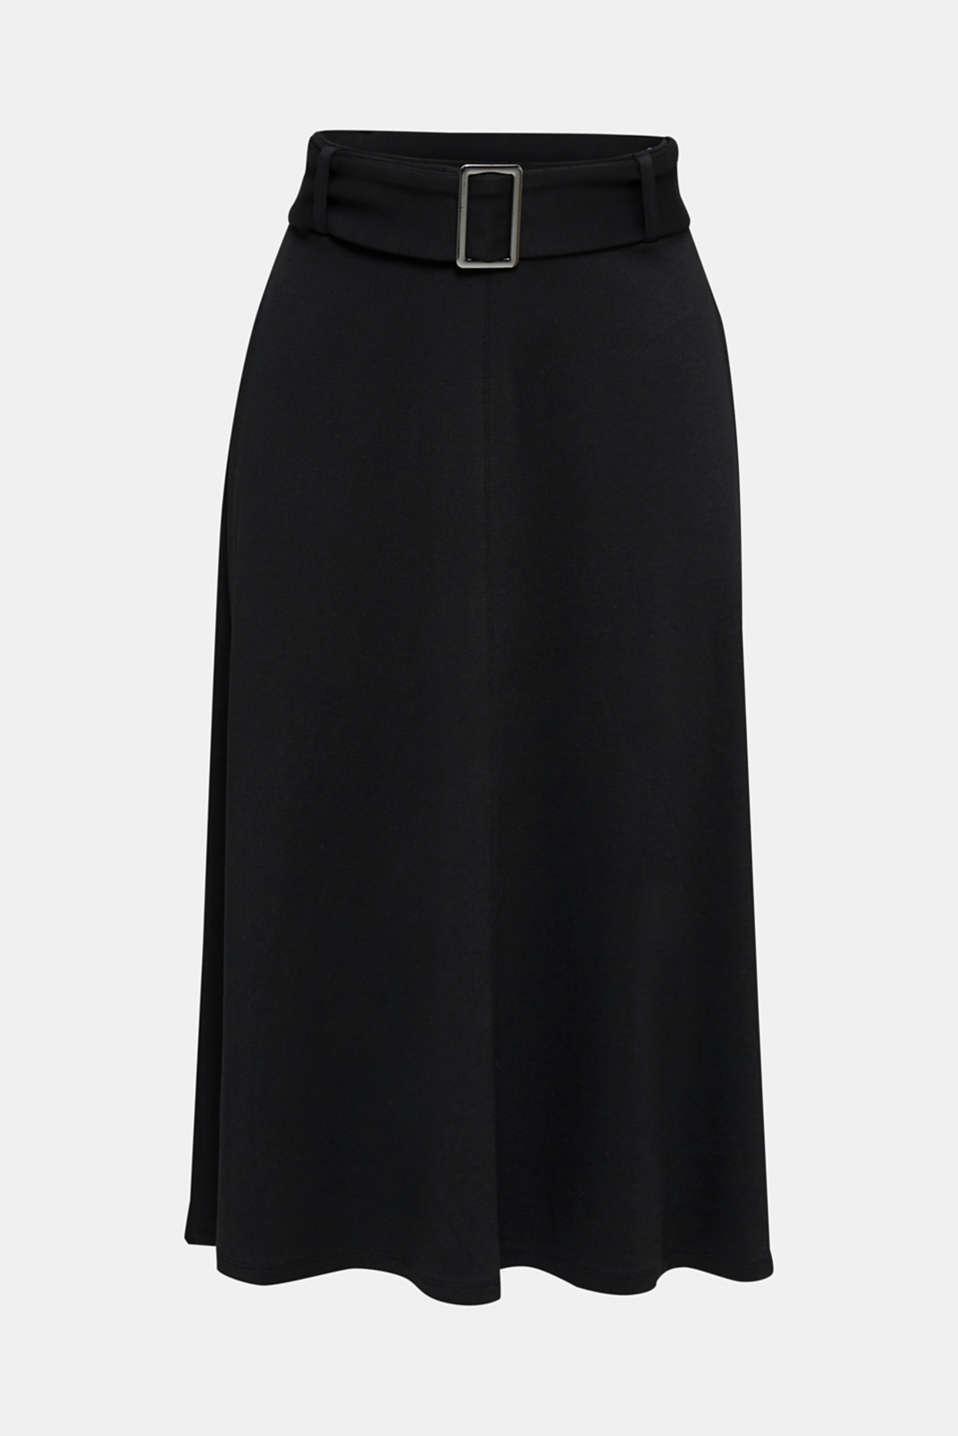 Melange A-line jersey skirt, BLACK, detail image number 6